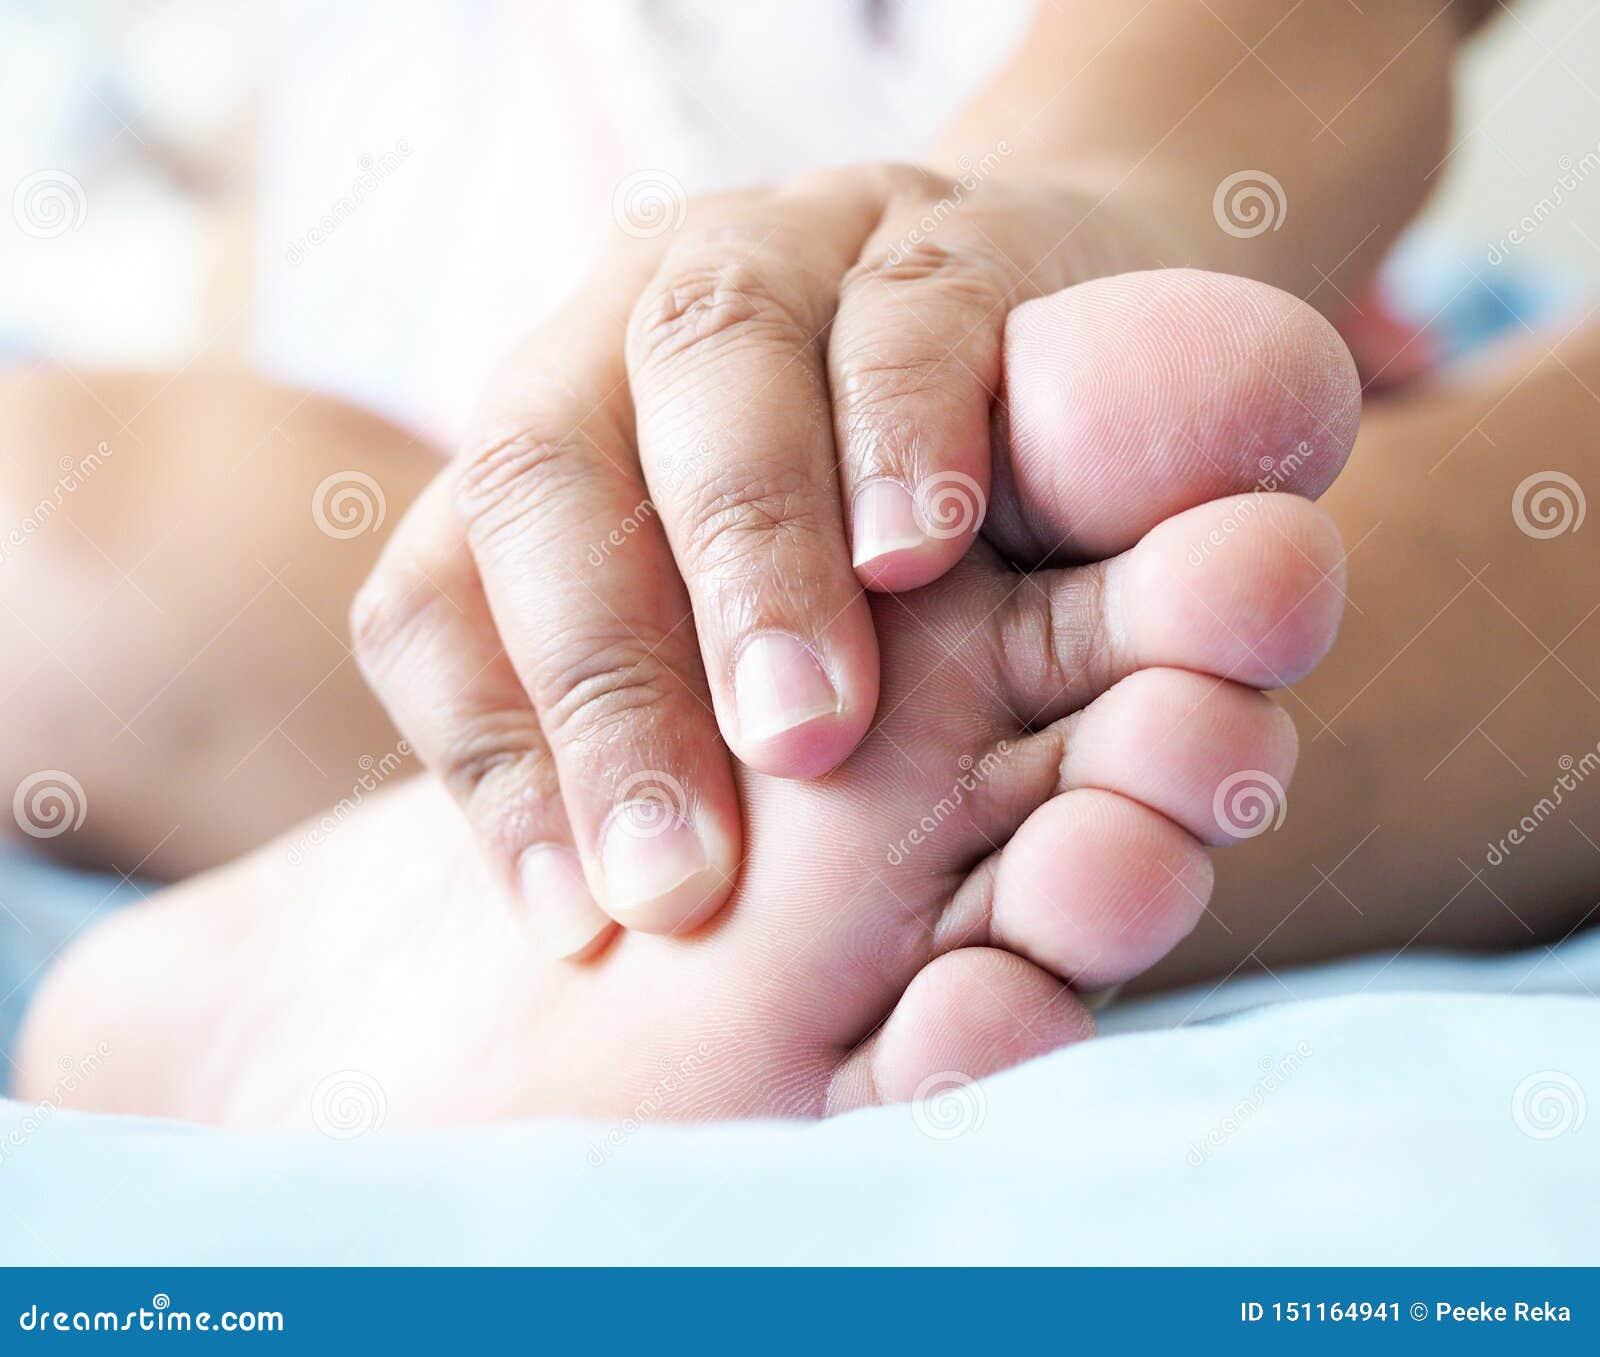 Douleur de pied, tendons, muscles, inflammation de pied